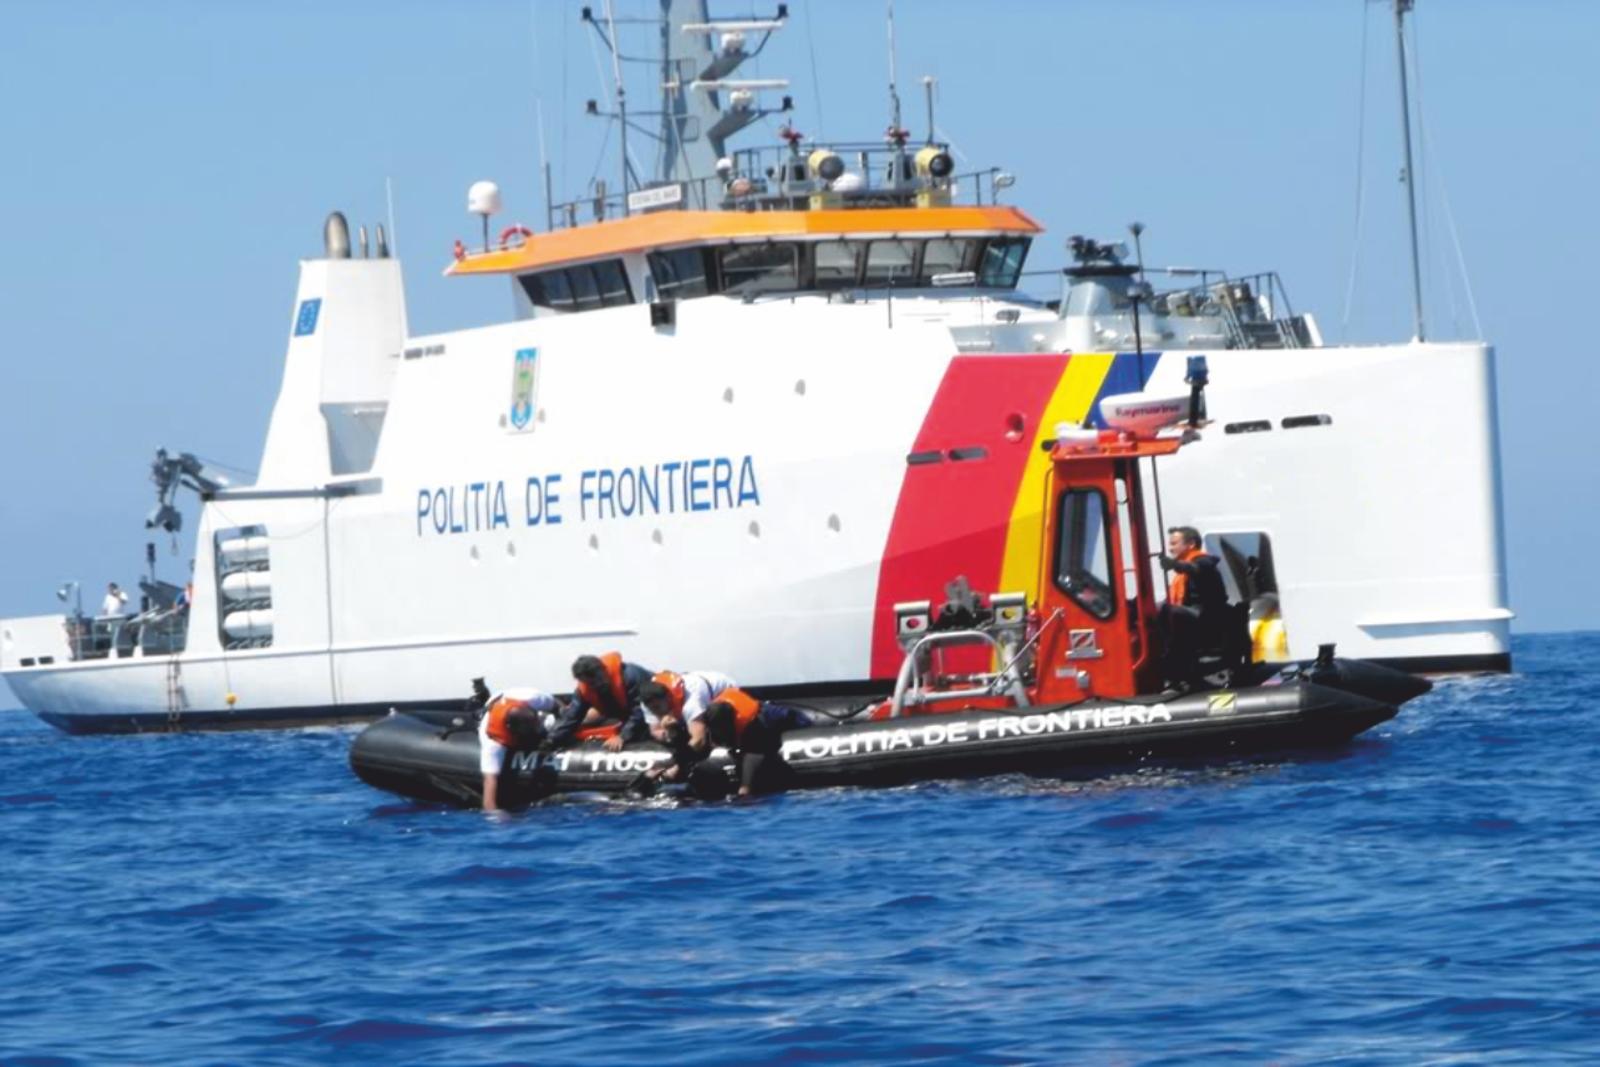 Navele străine își fac de cap în zona economică exclusivă a României la Marea Neagră